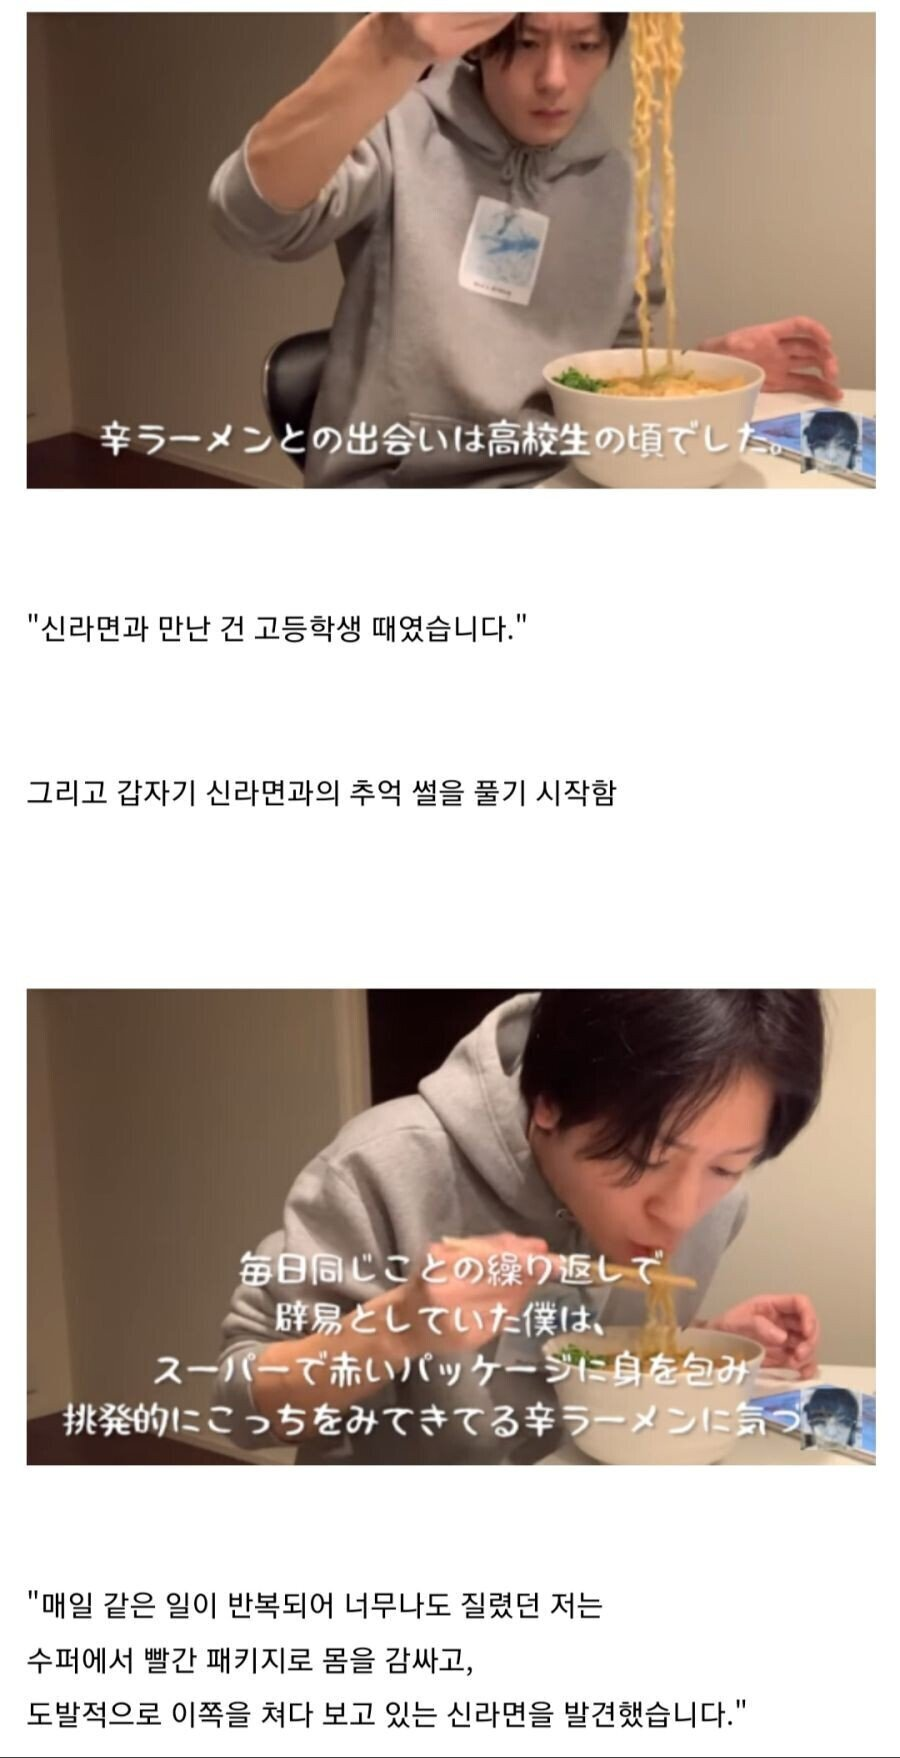 심오한 한국 라면 - 꾸르